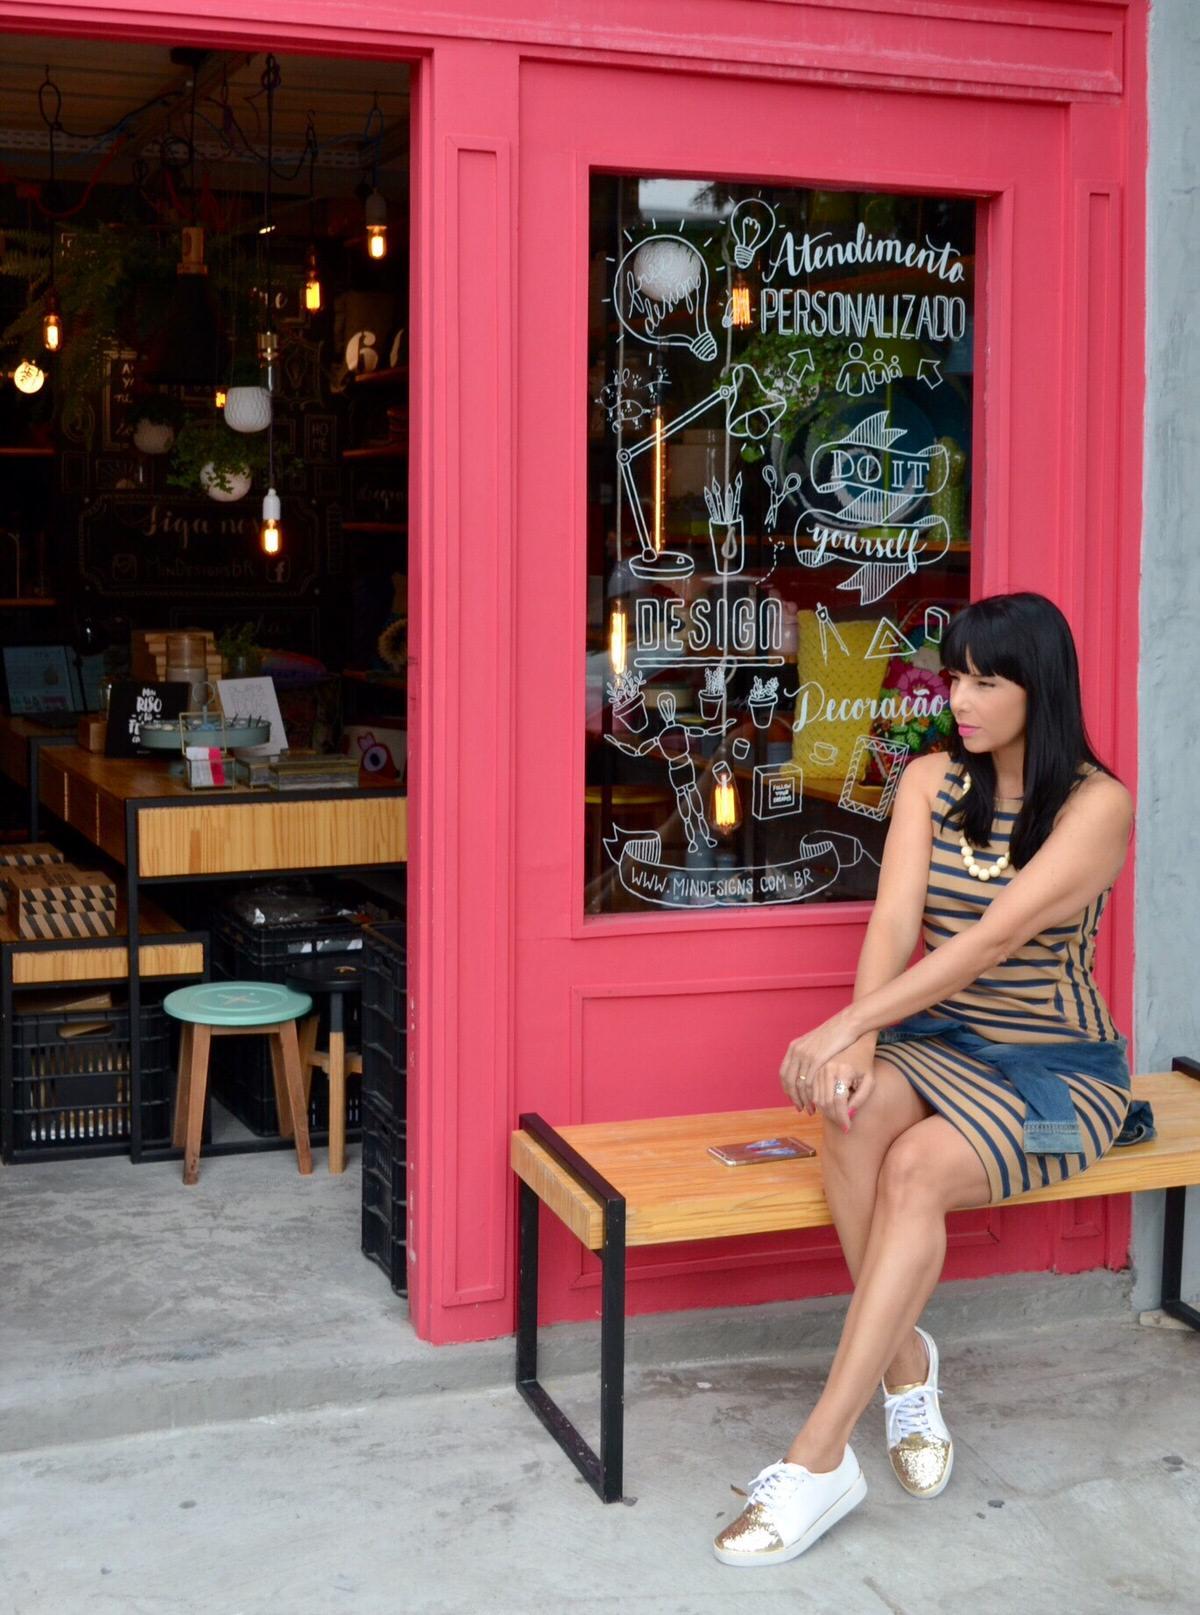 Dicas de Estilo - Look com tênis branco e vestido listrado sentada no banco